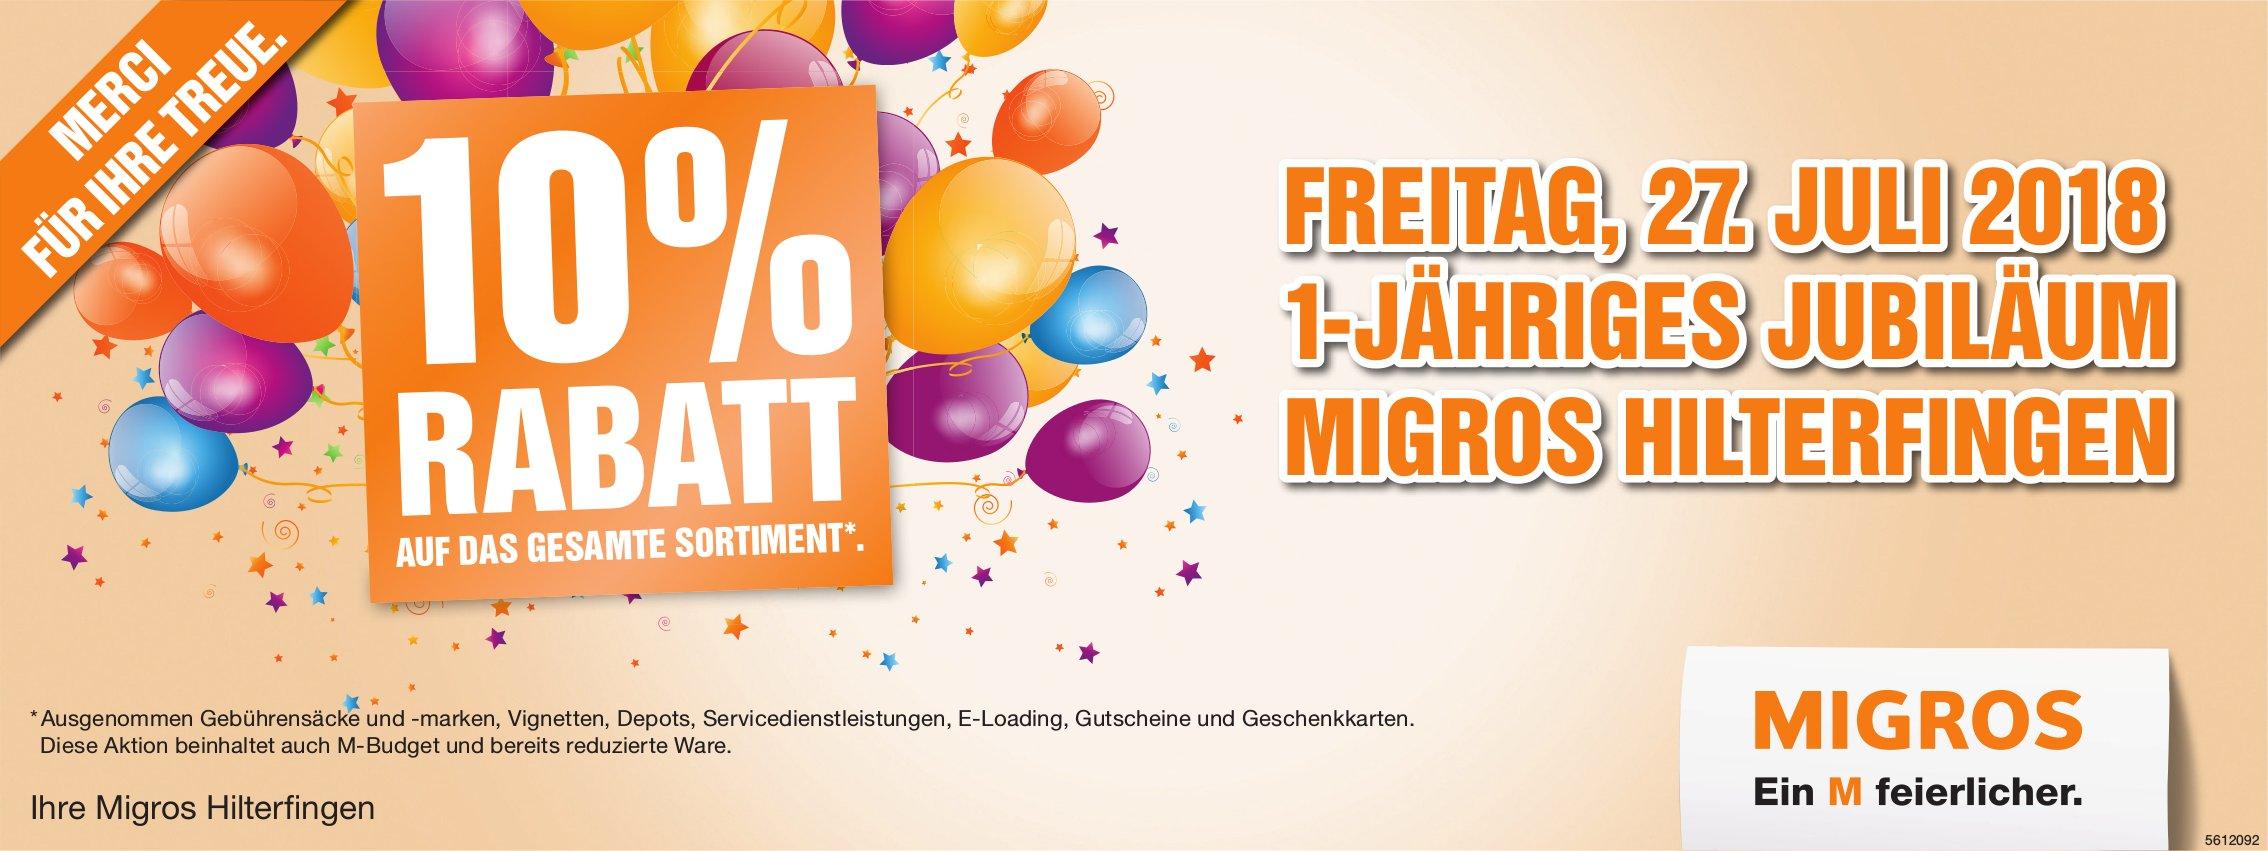 Migros Hilterfingen - 1-jähriges Jubiläum, 27. Juli